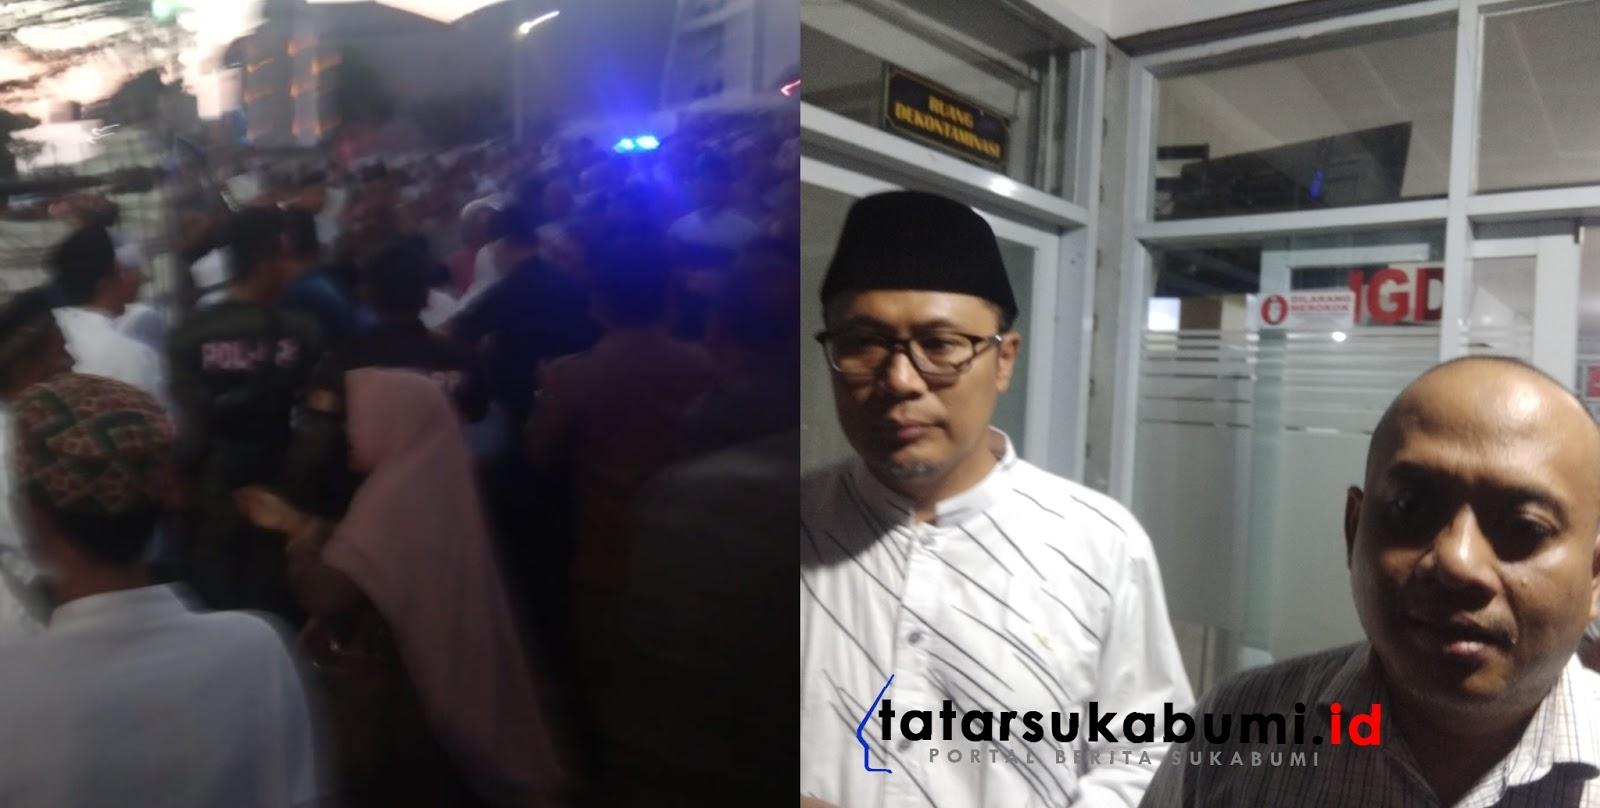 Insiden Maut Pengantar Jemaah Haji Kota Sukabumi, 1 Meninggal Dunia 4 Luka-luka